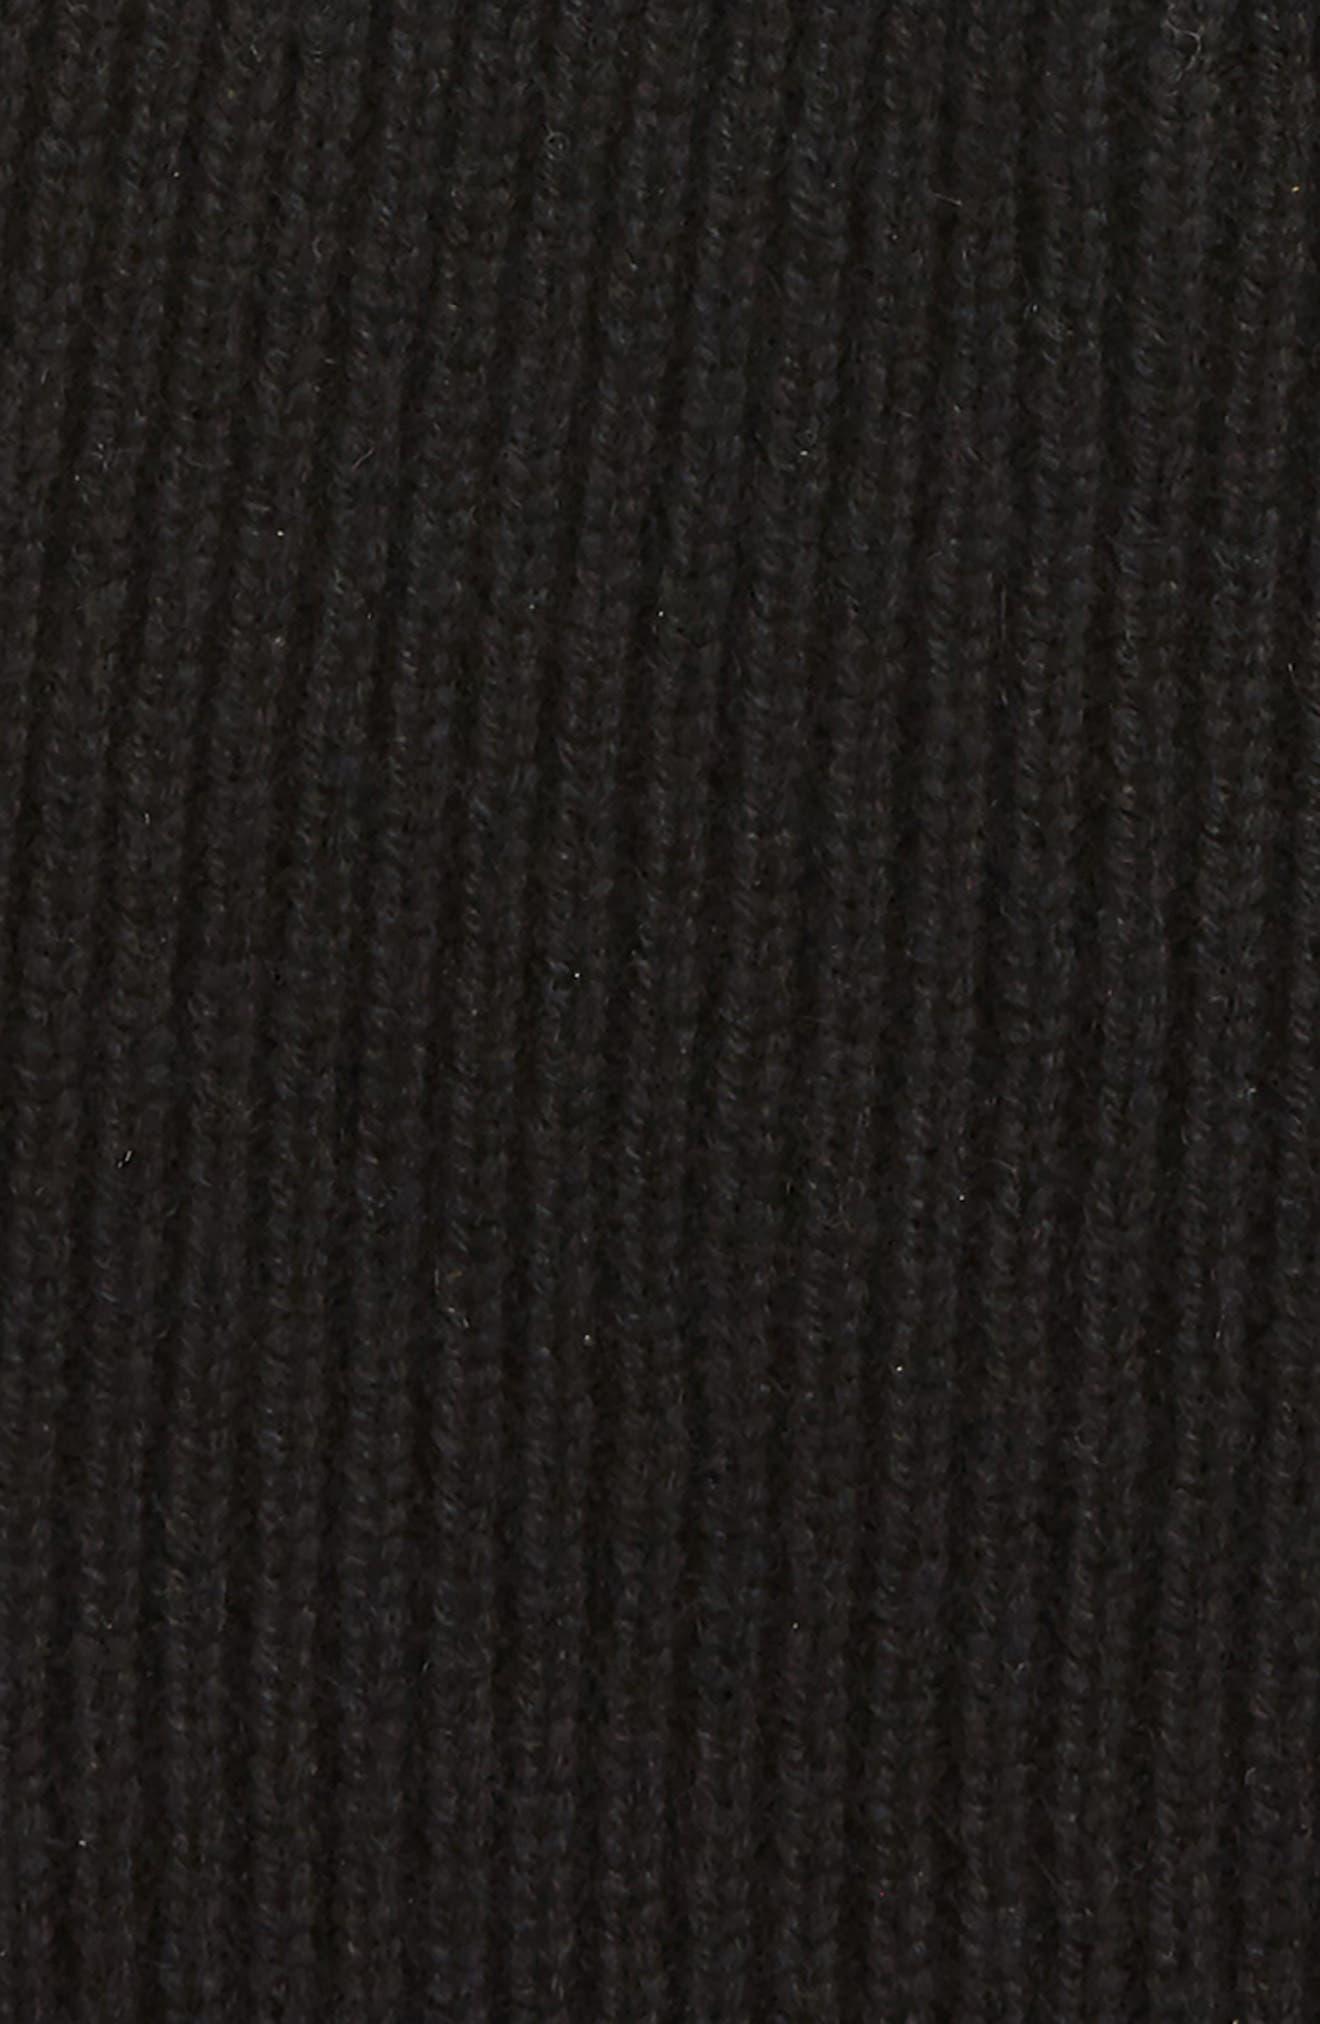 Ace Cashmere Knit Cap,                             Alternate thumbnail 2, color,                             001